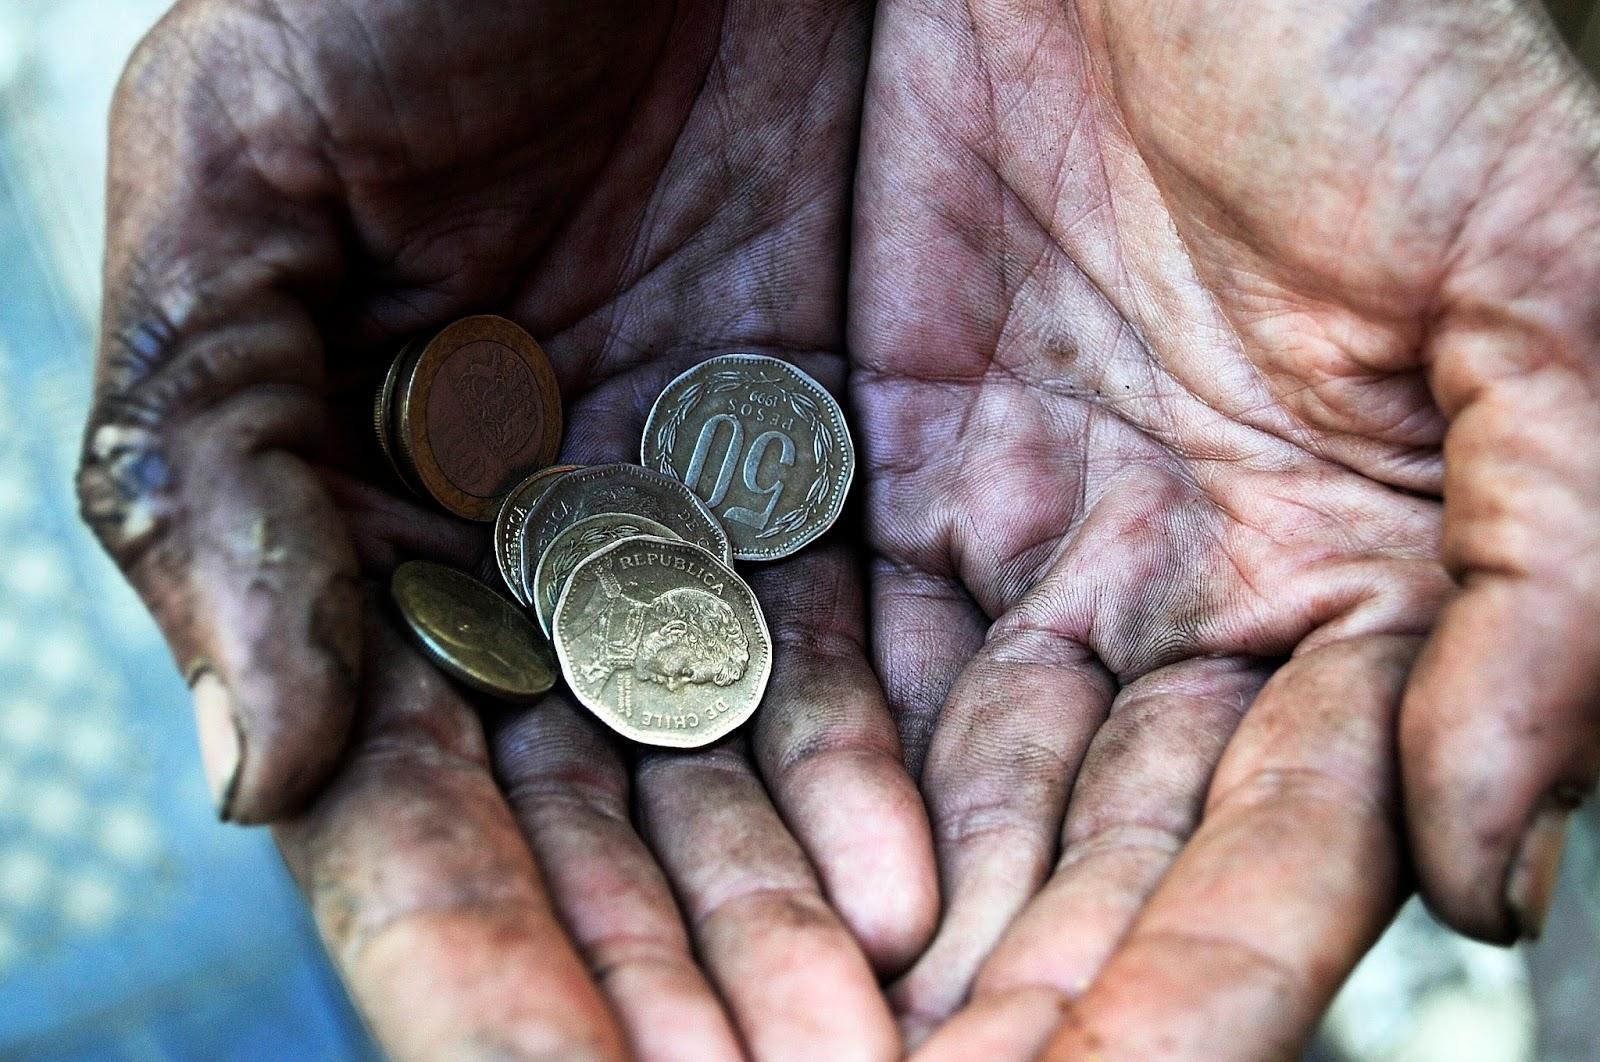 Les 22 hommes les plus riches du monde ont plus d'argent que toutes les femmes en Afrique